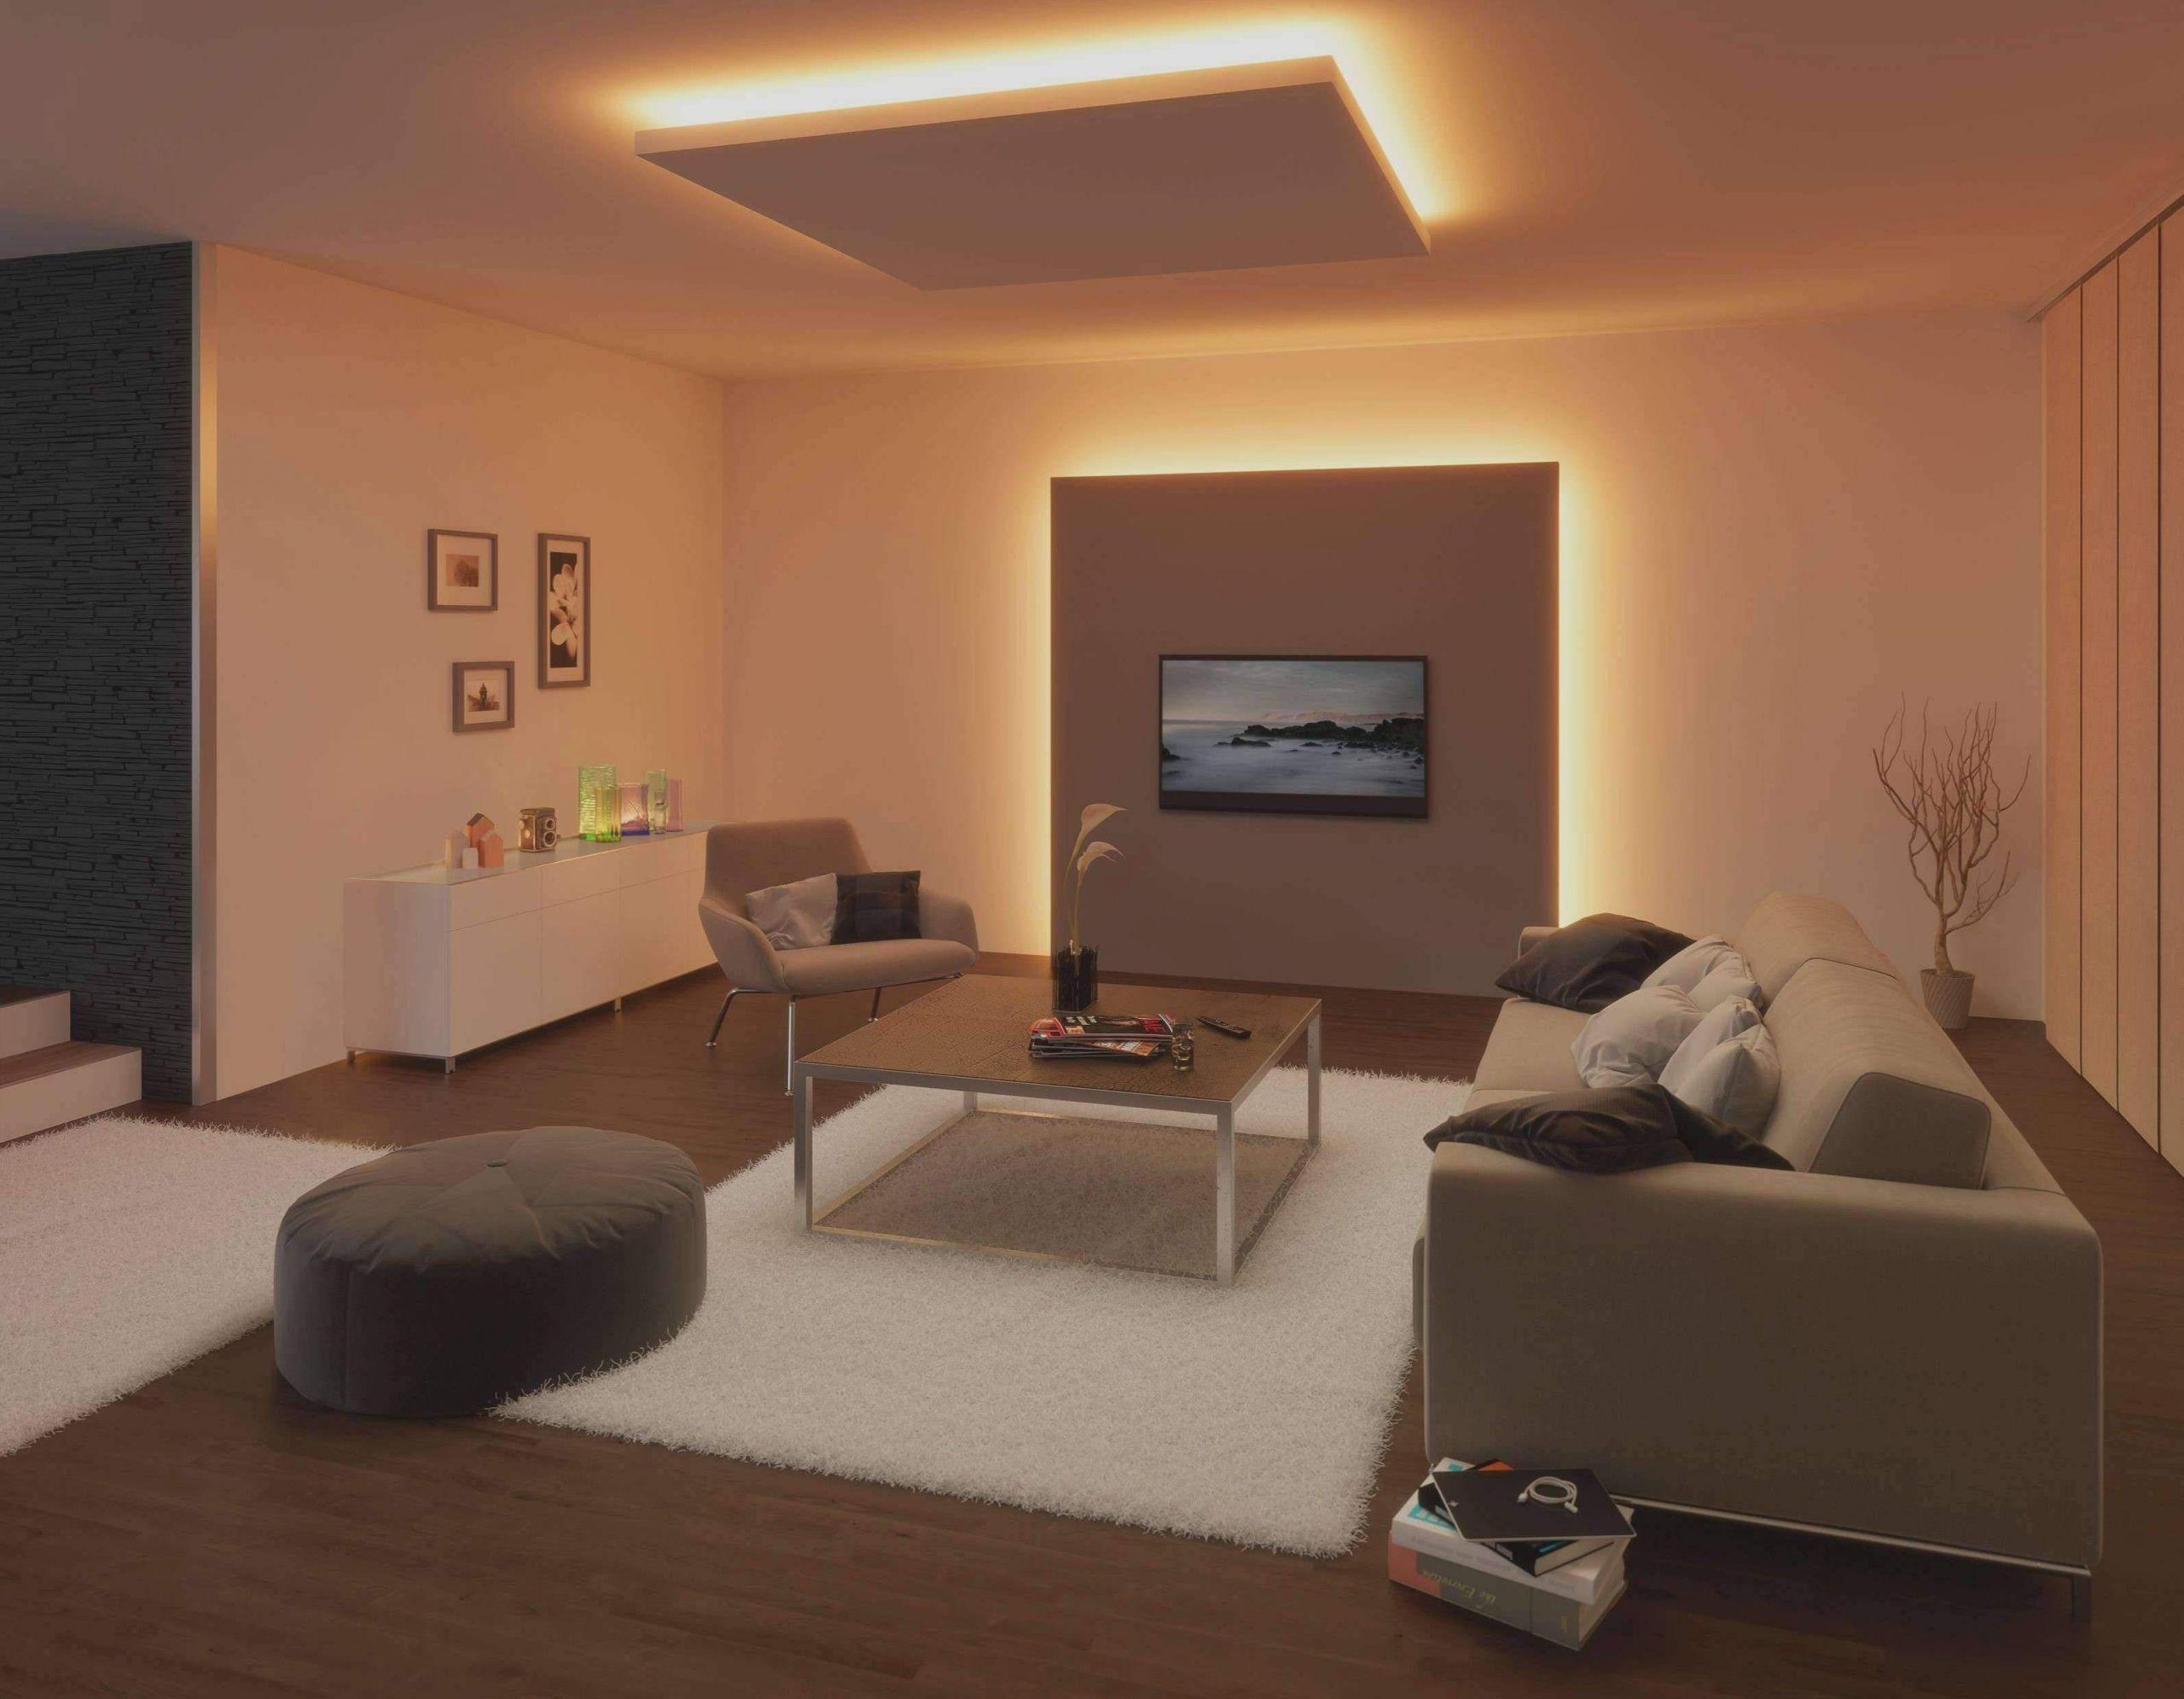 wohnzimmer holz frisch uhr wohnzimmer ideen was solltest du tun of wohnzimmer holz